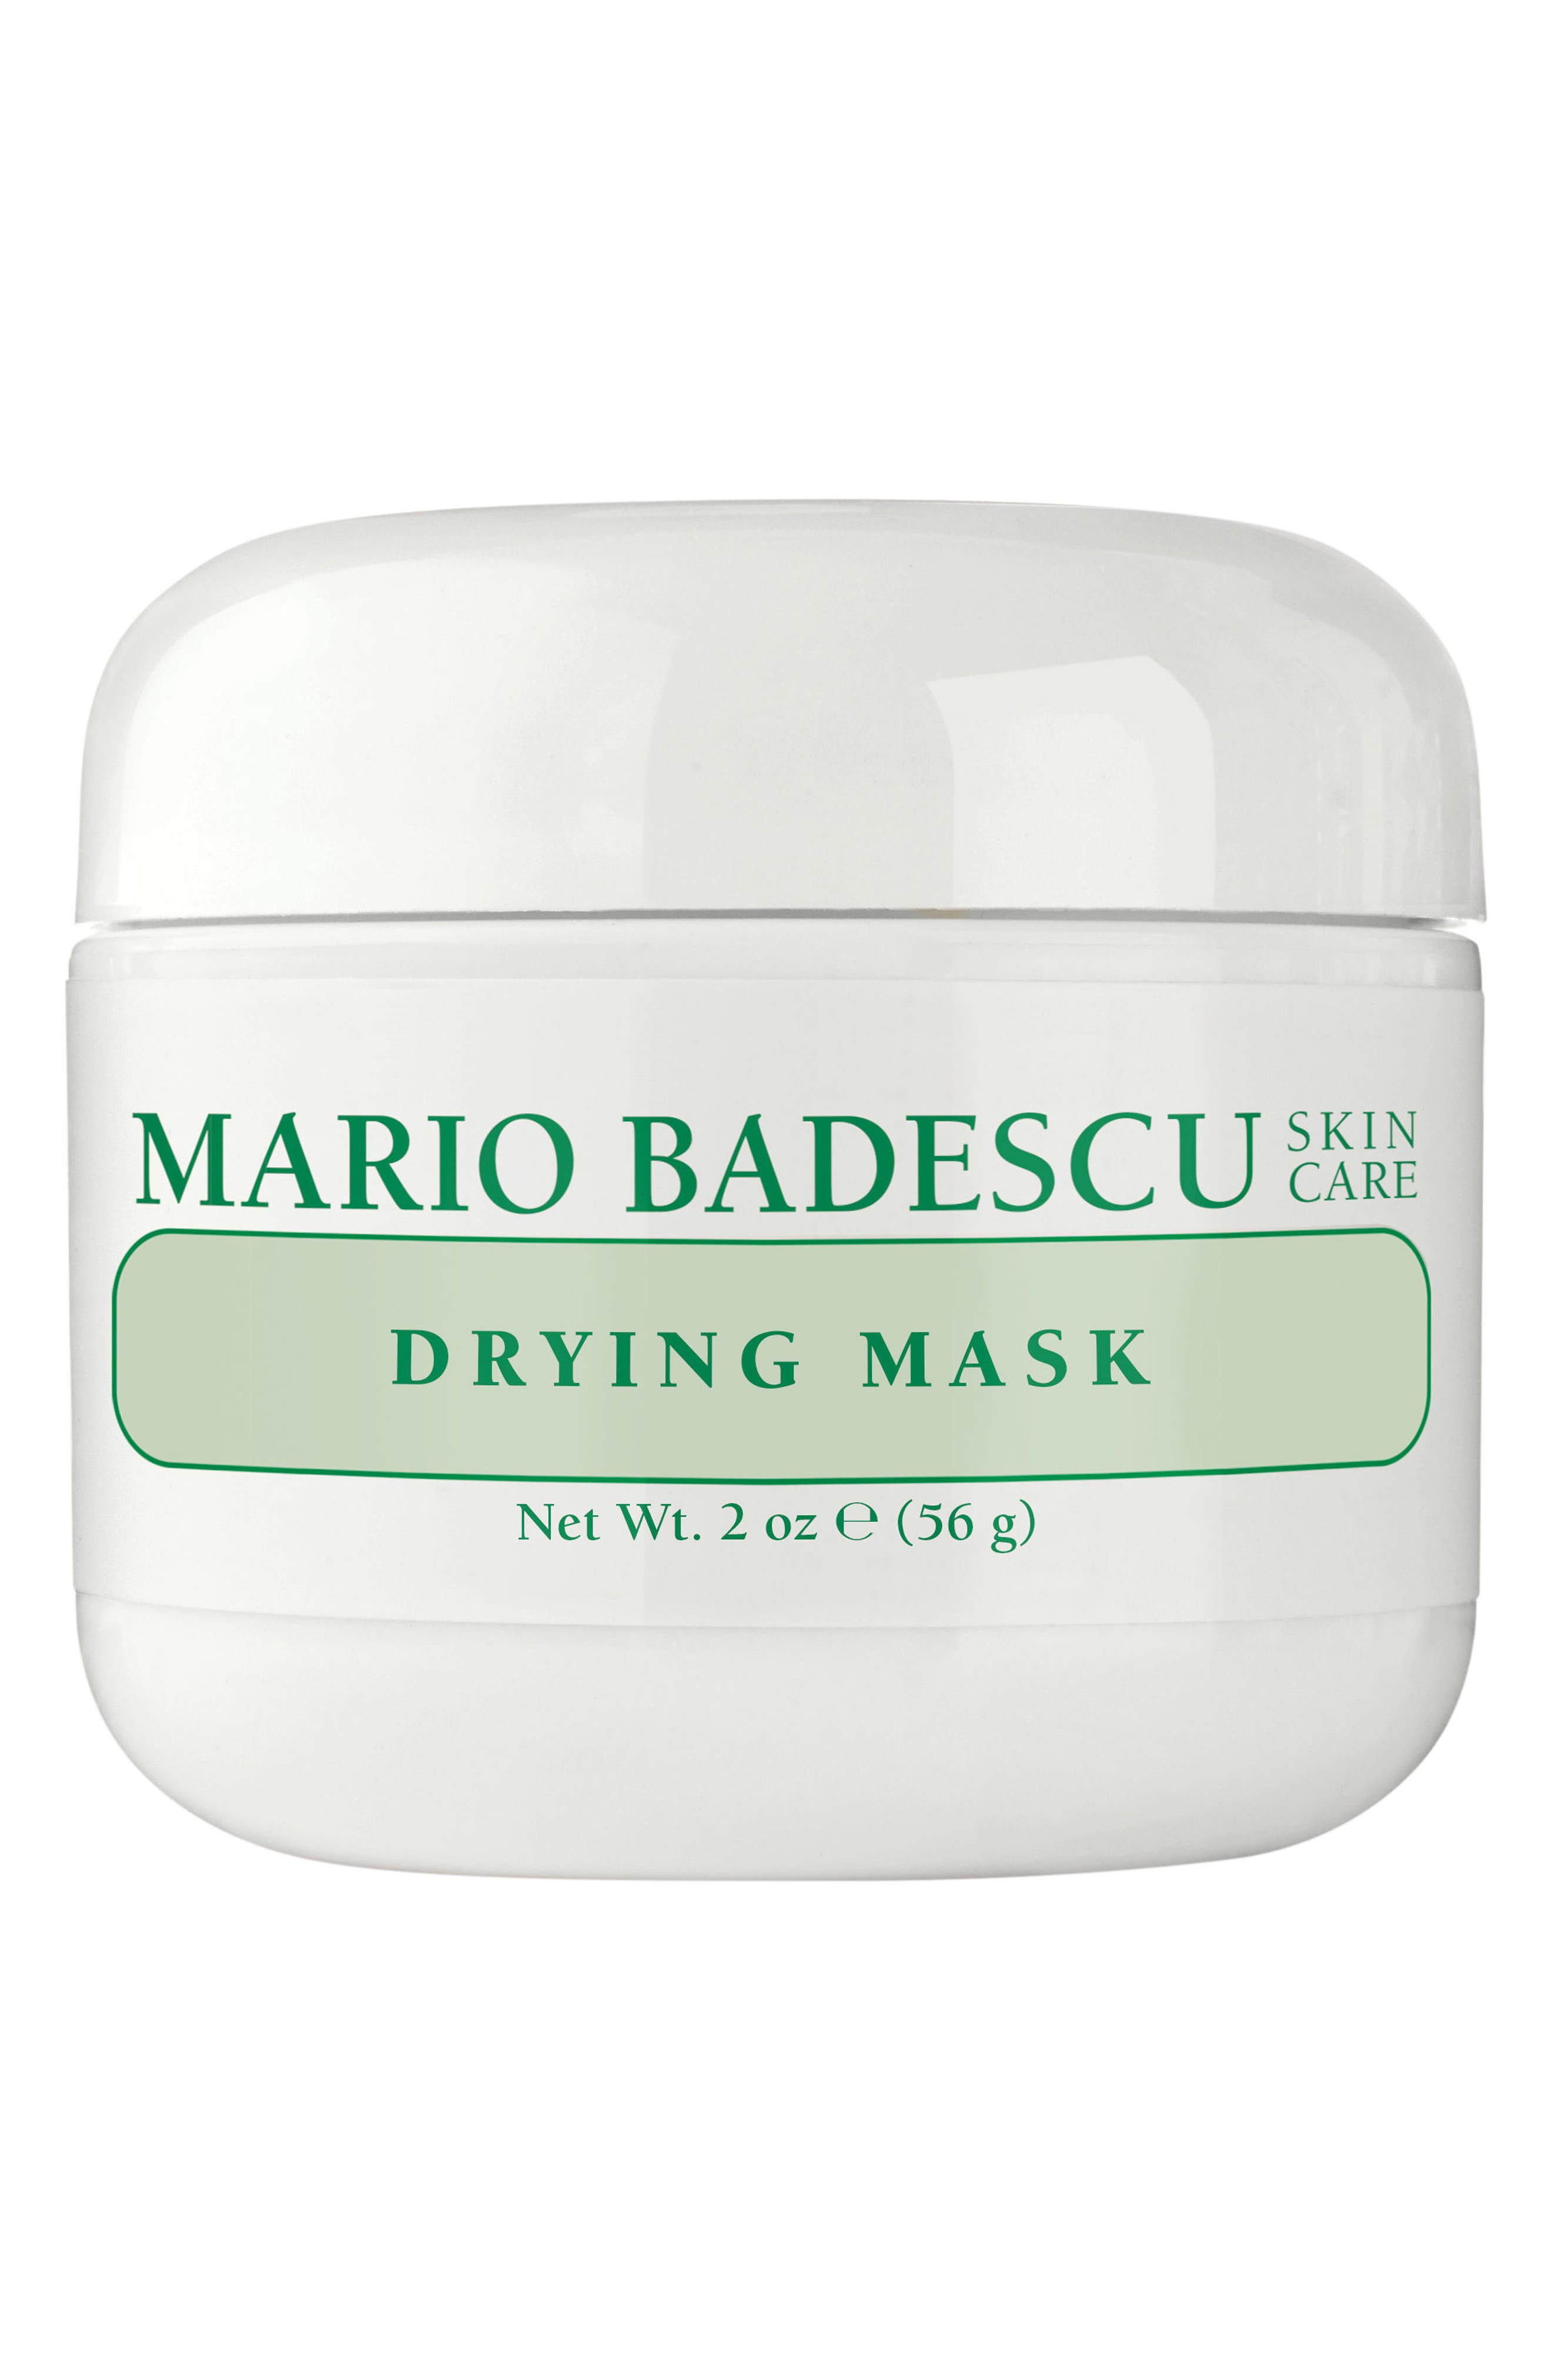 Drying Mask,                             Main thumbnail 1, color,                             No Color